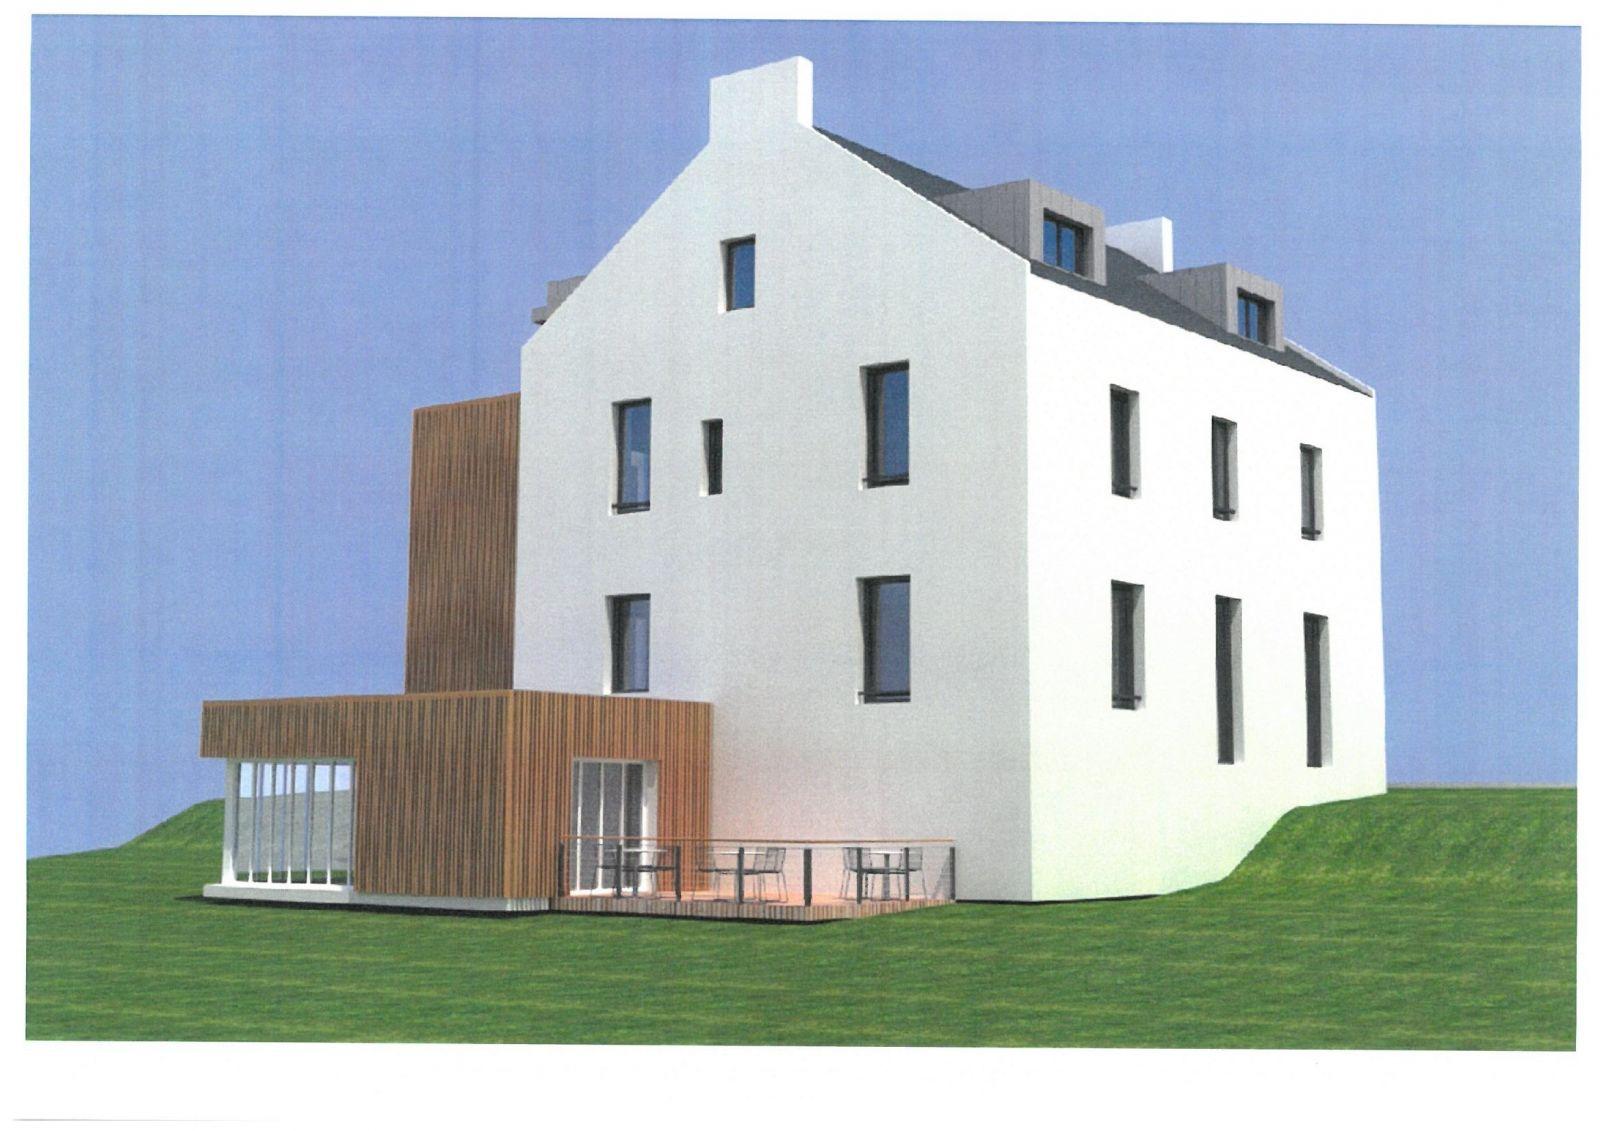 image 3 d de la futur Maison des ainés